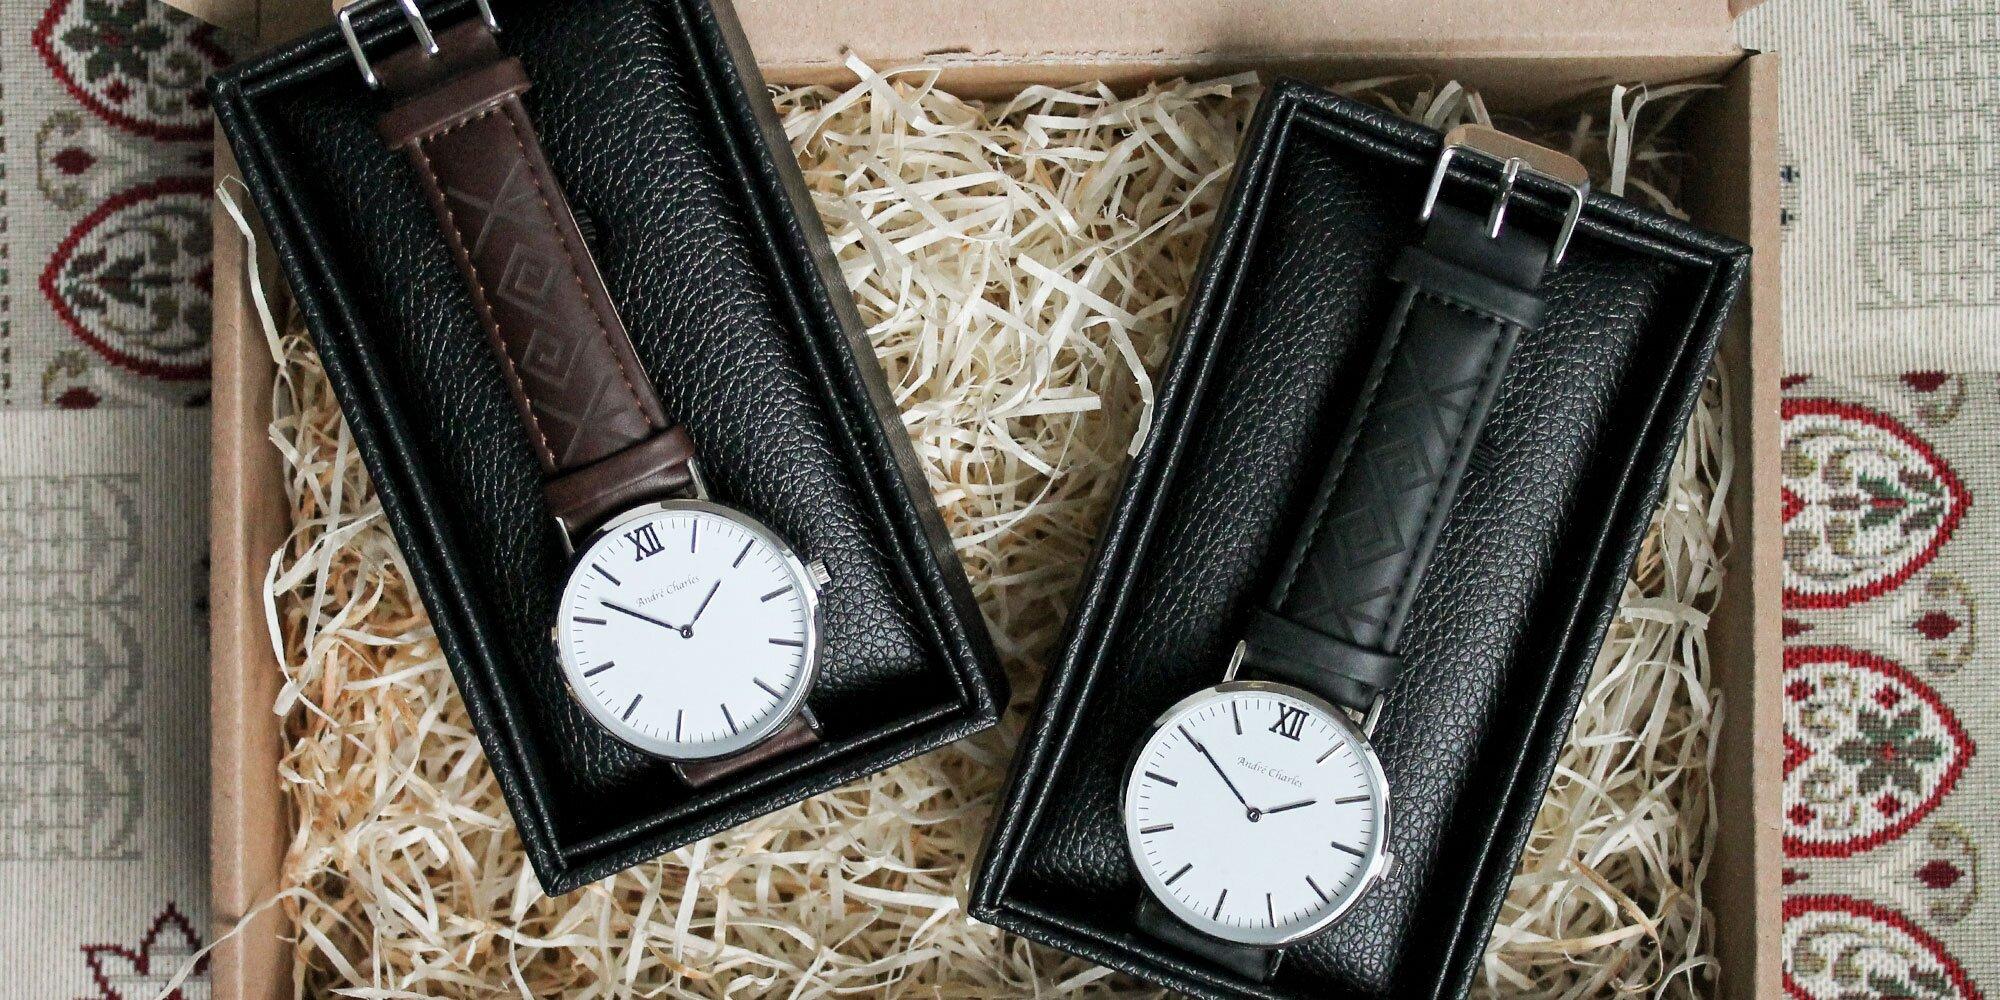 c7845df8fa2 Slovenské hodinky André Charles - limitovaná edícia Čičmany ...